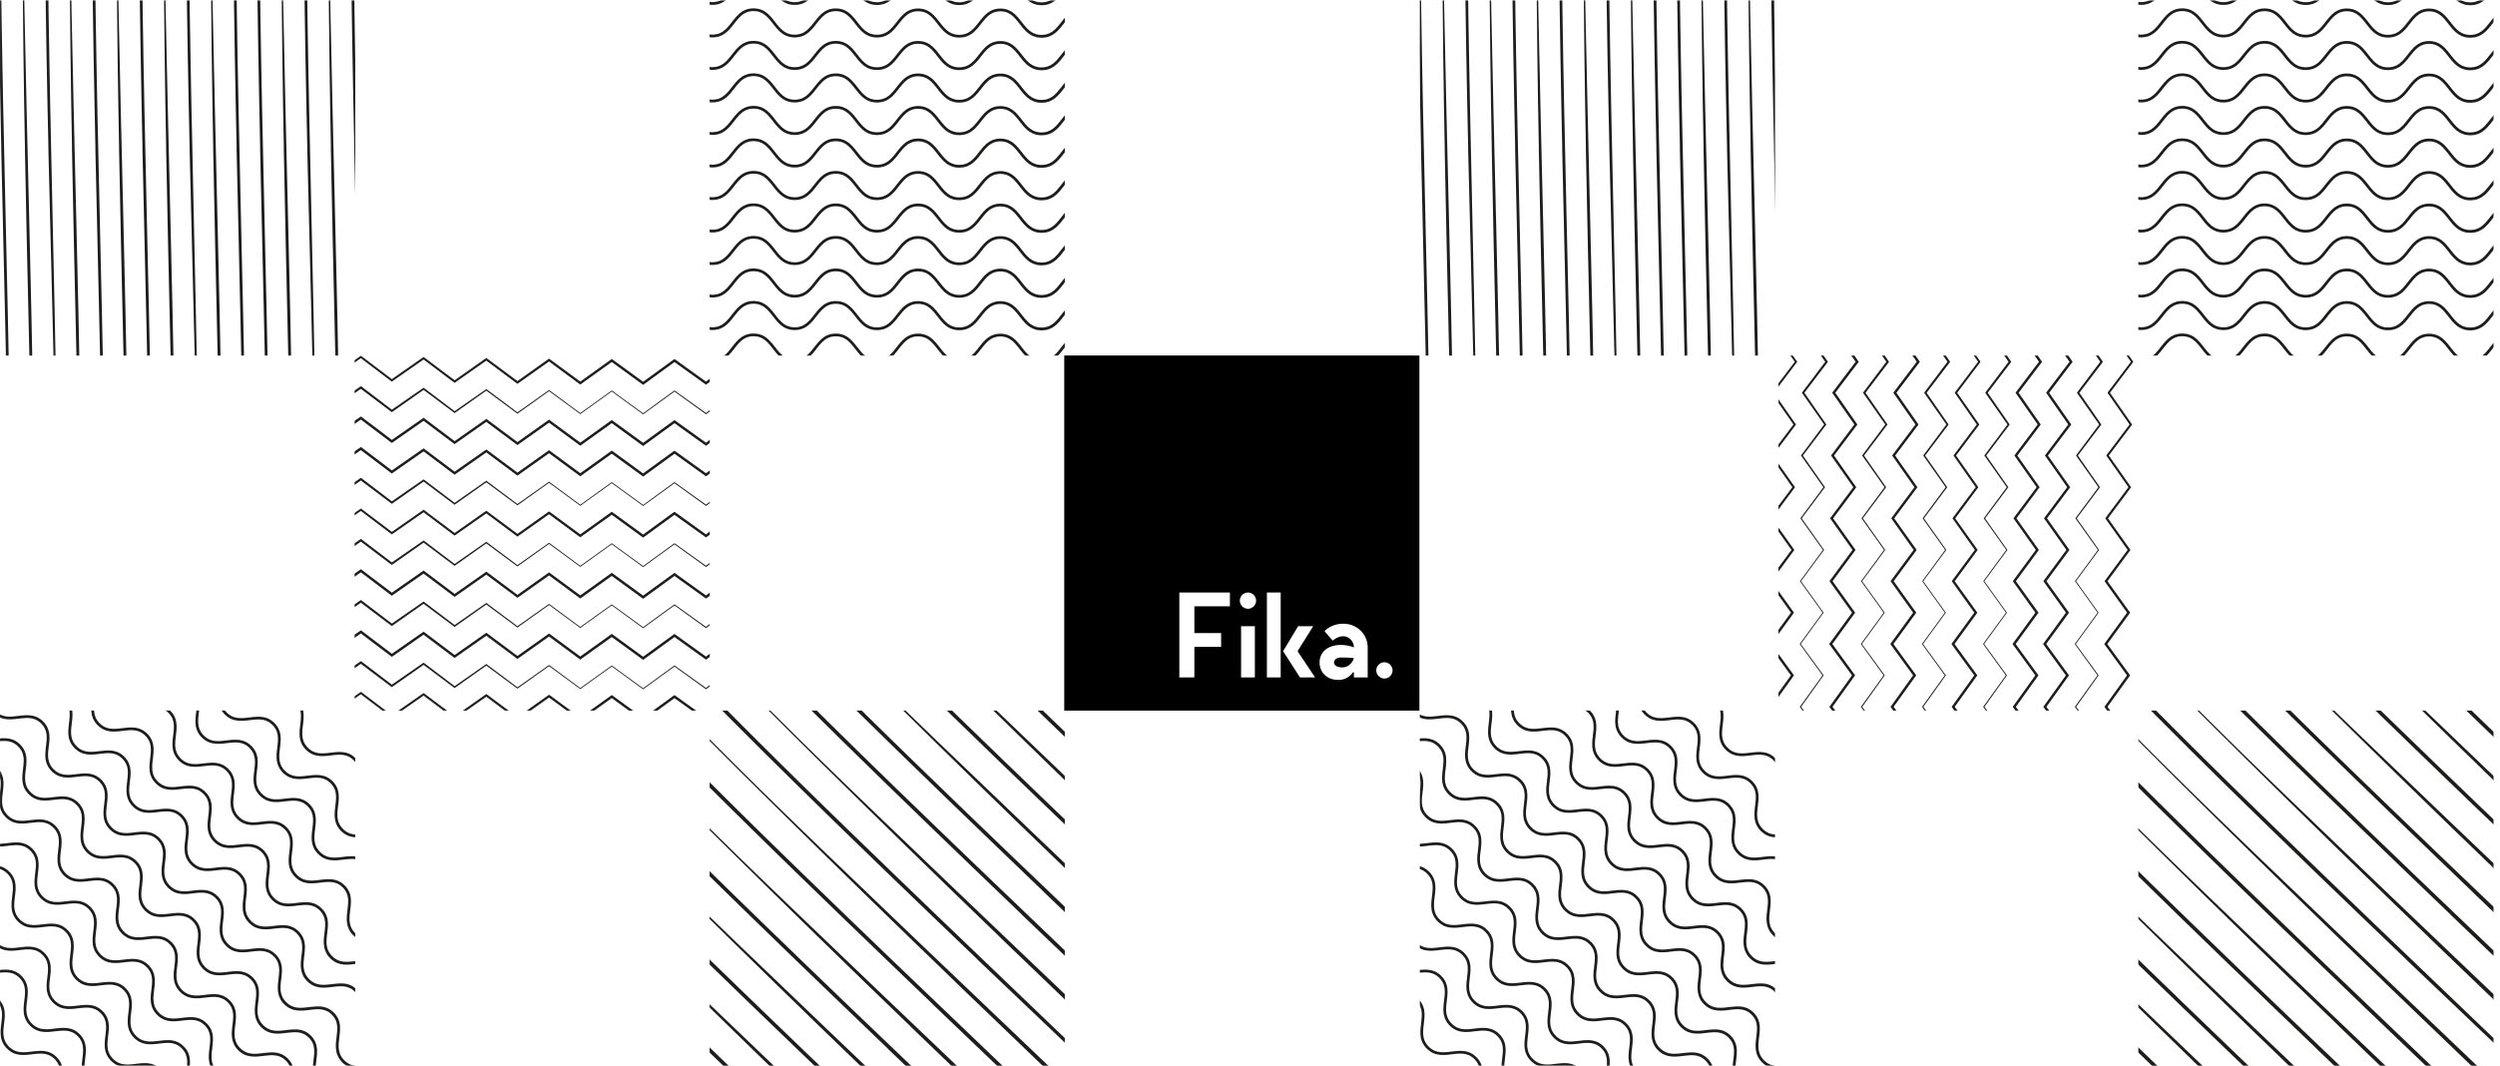 branding with patterns.jpg